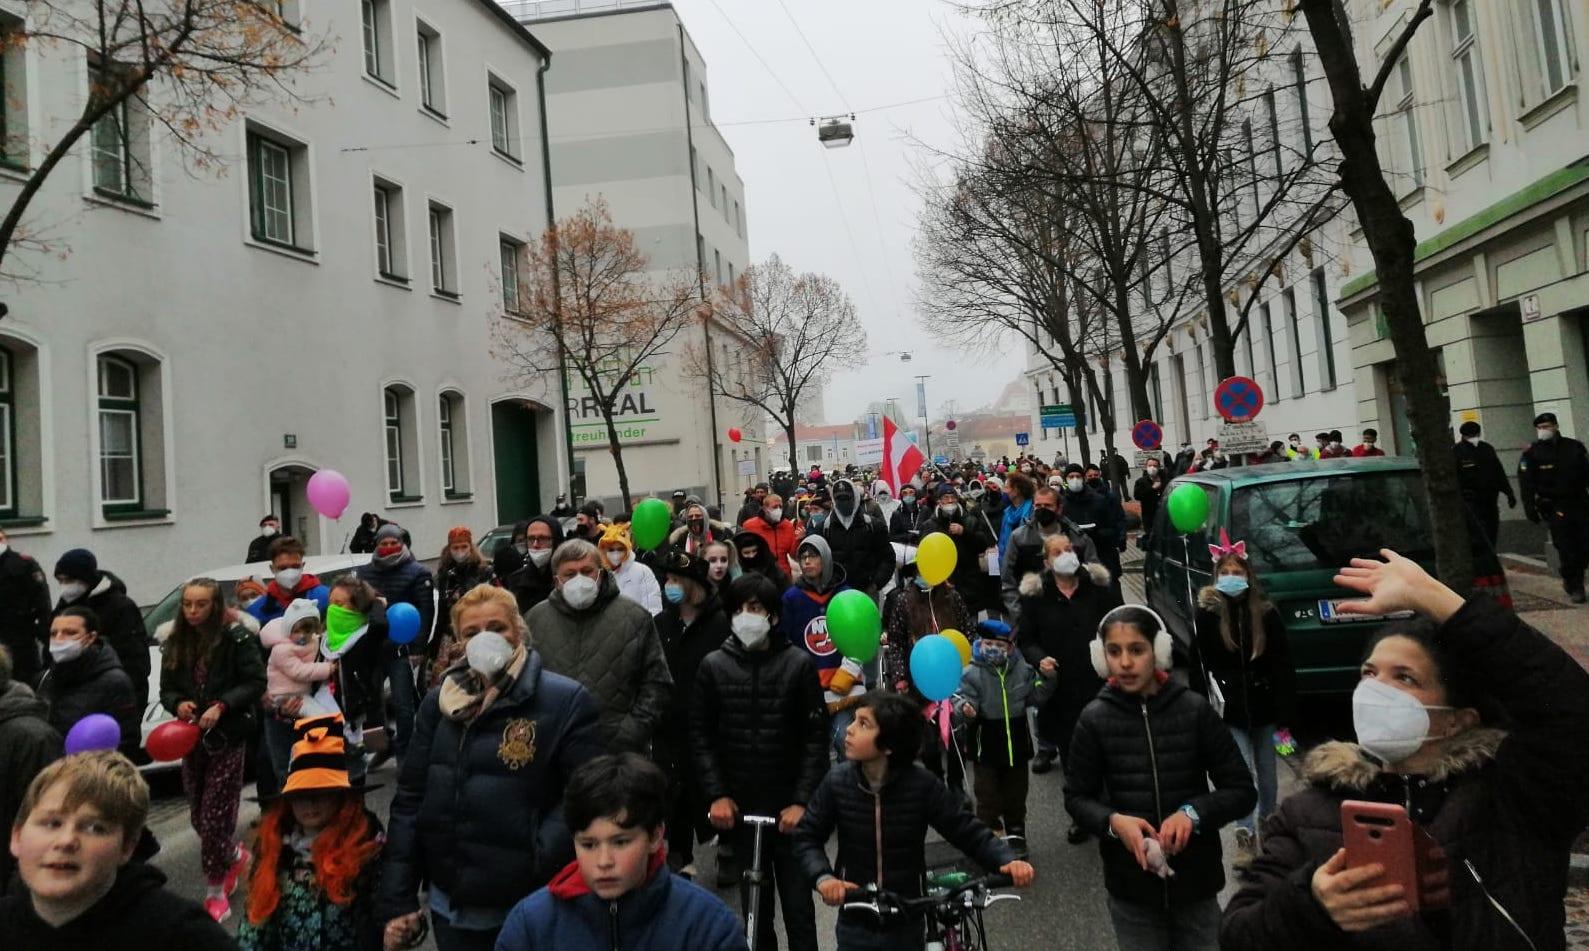 Demo Wiener Neustadt / 5.2.2021